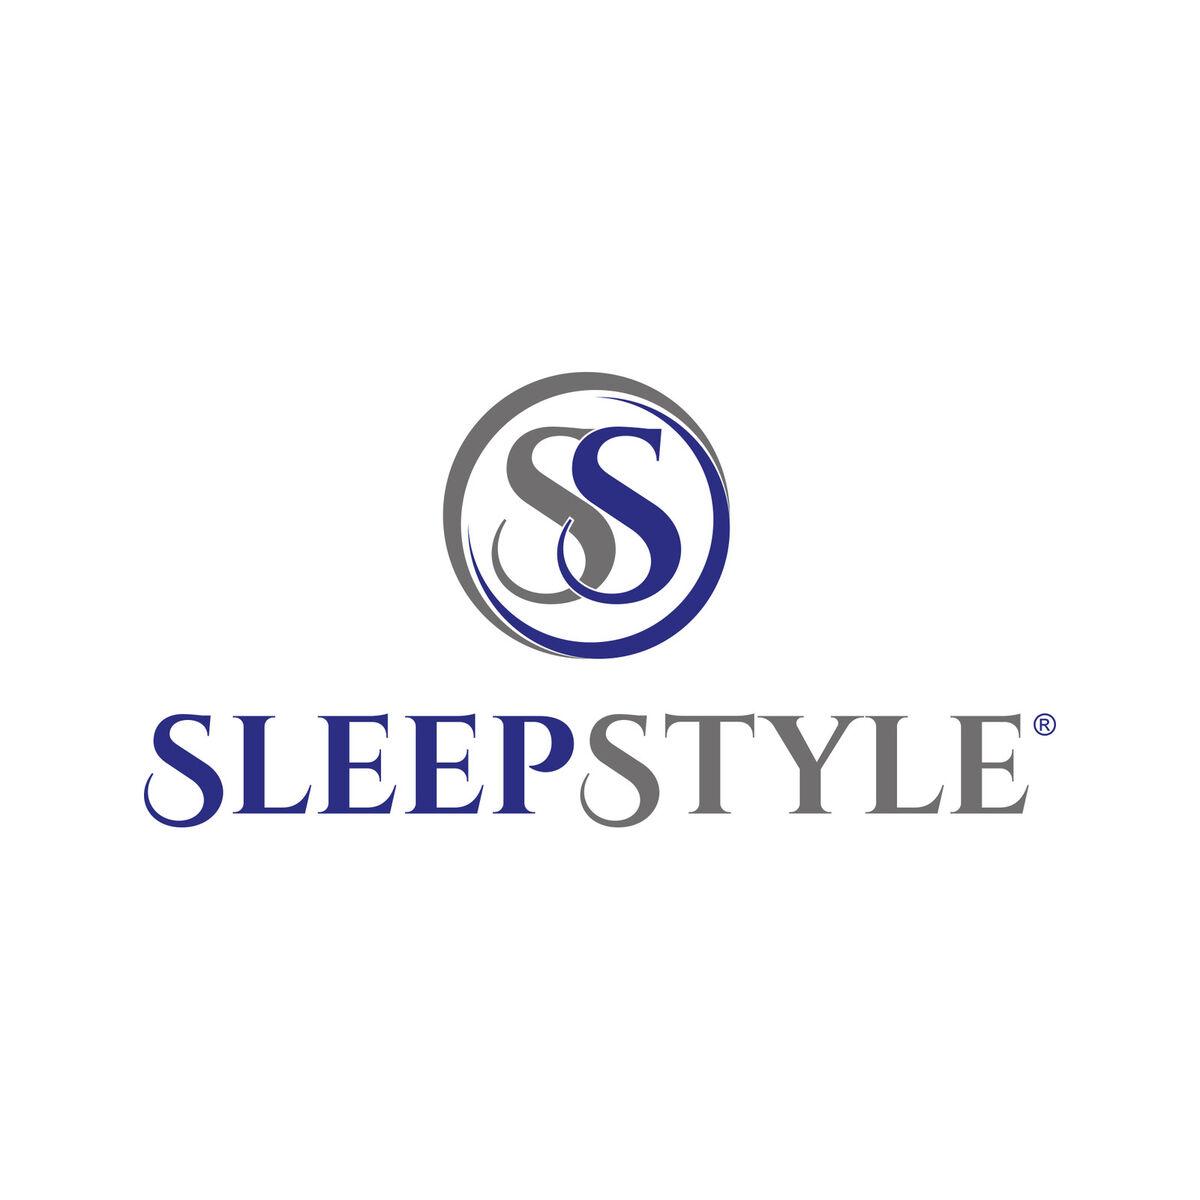 sleepstyle